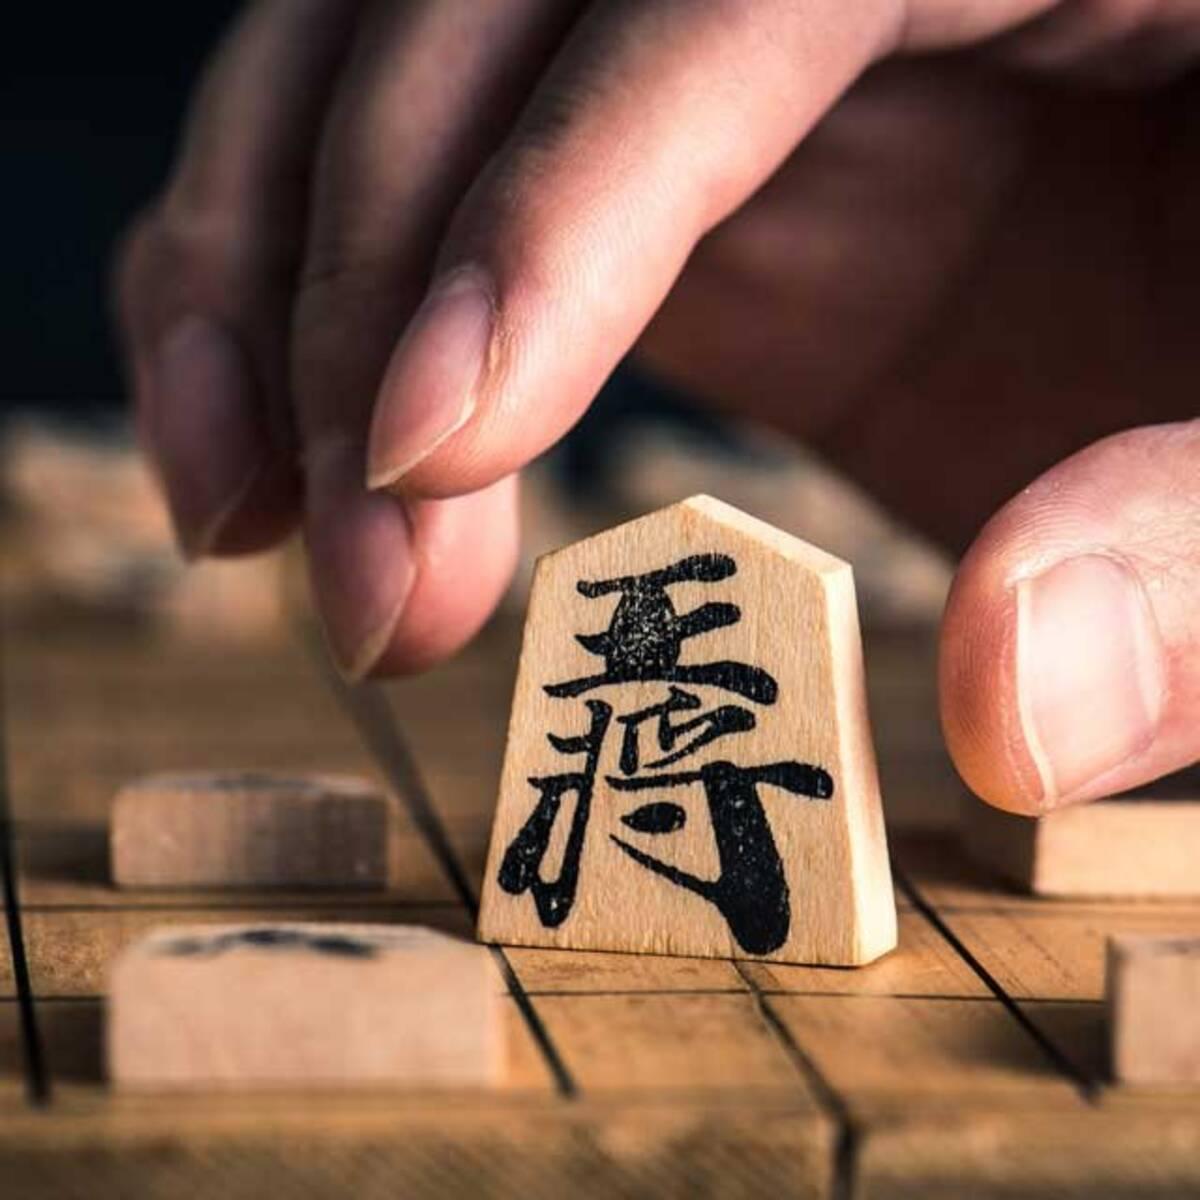 観る将 も 撮る将 もあり 多様化する将棋の楽しみ方 2018年10月11